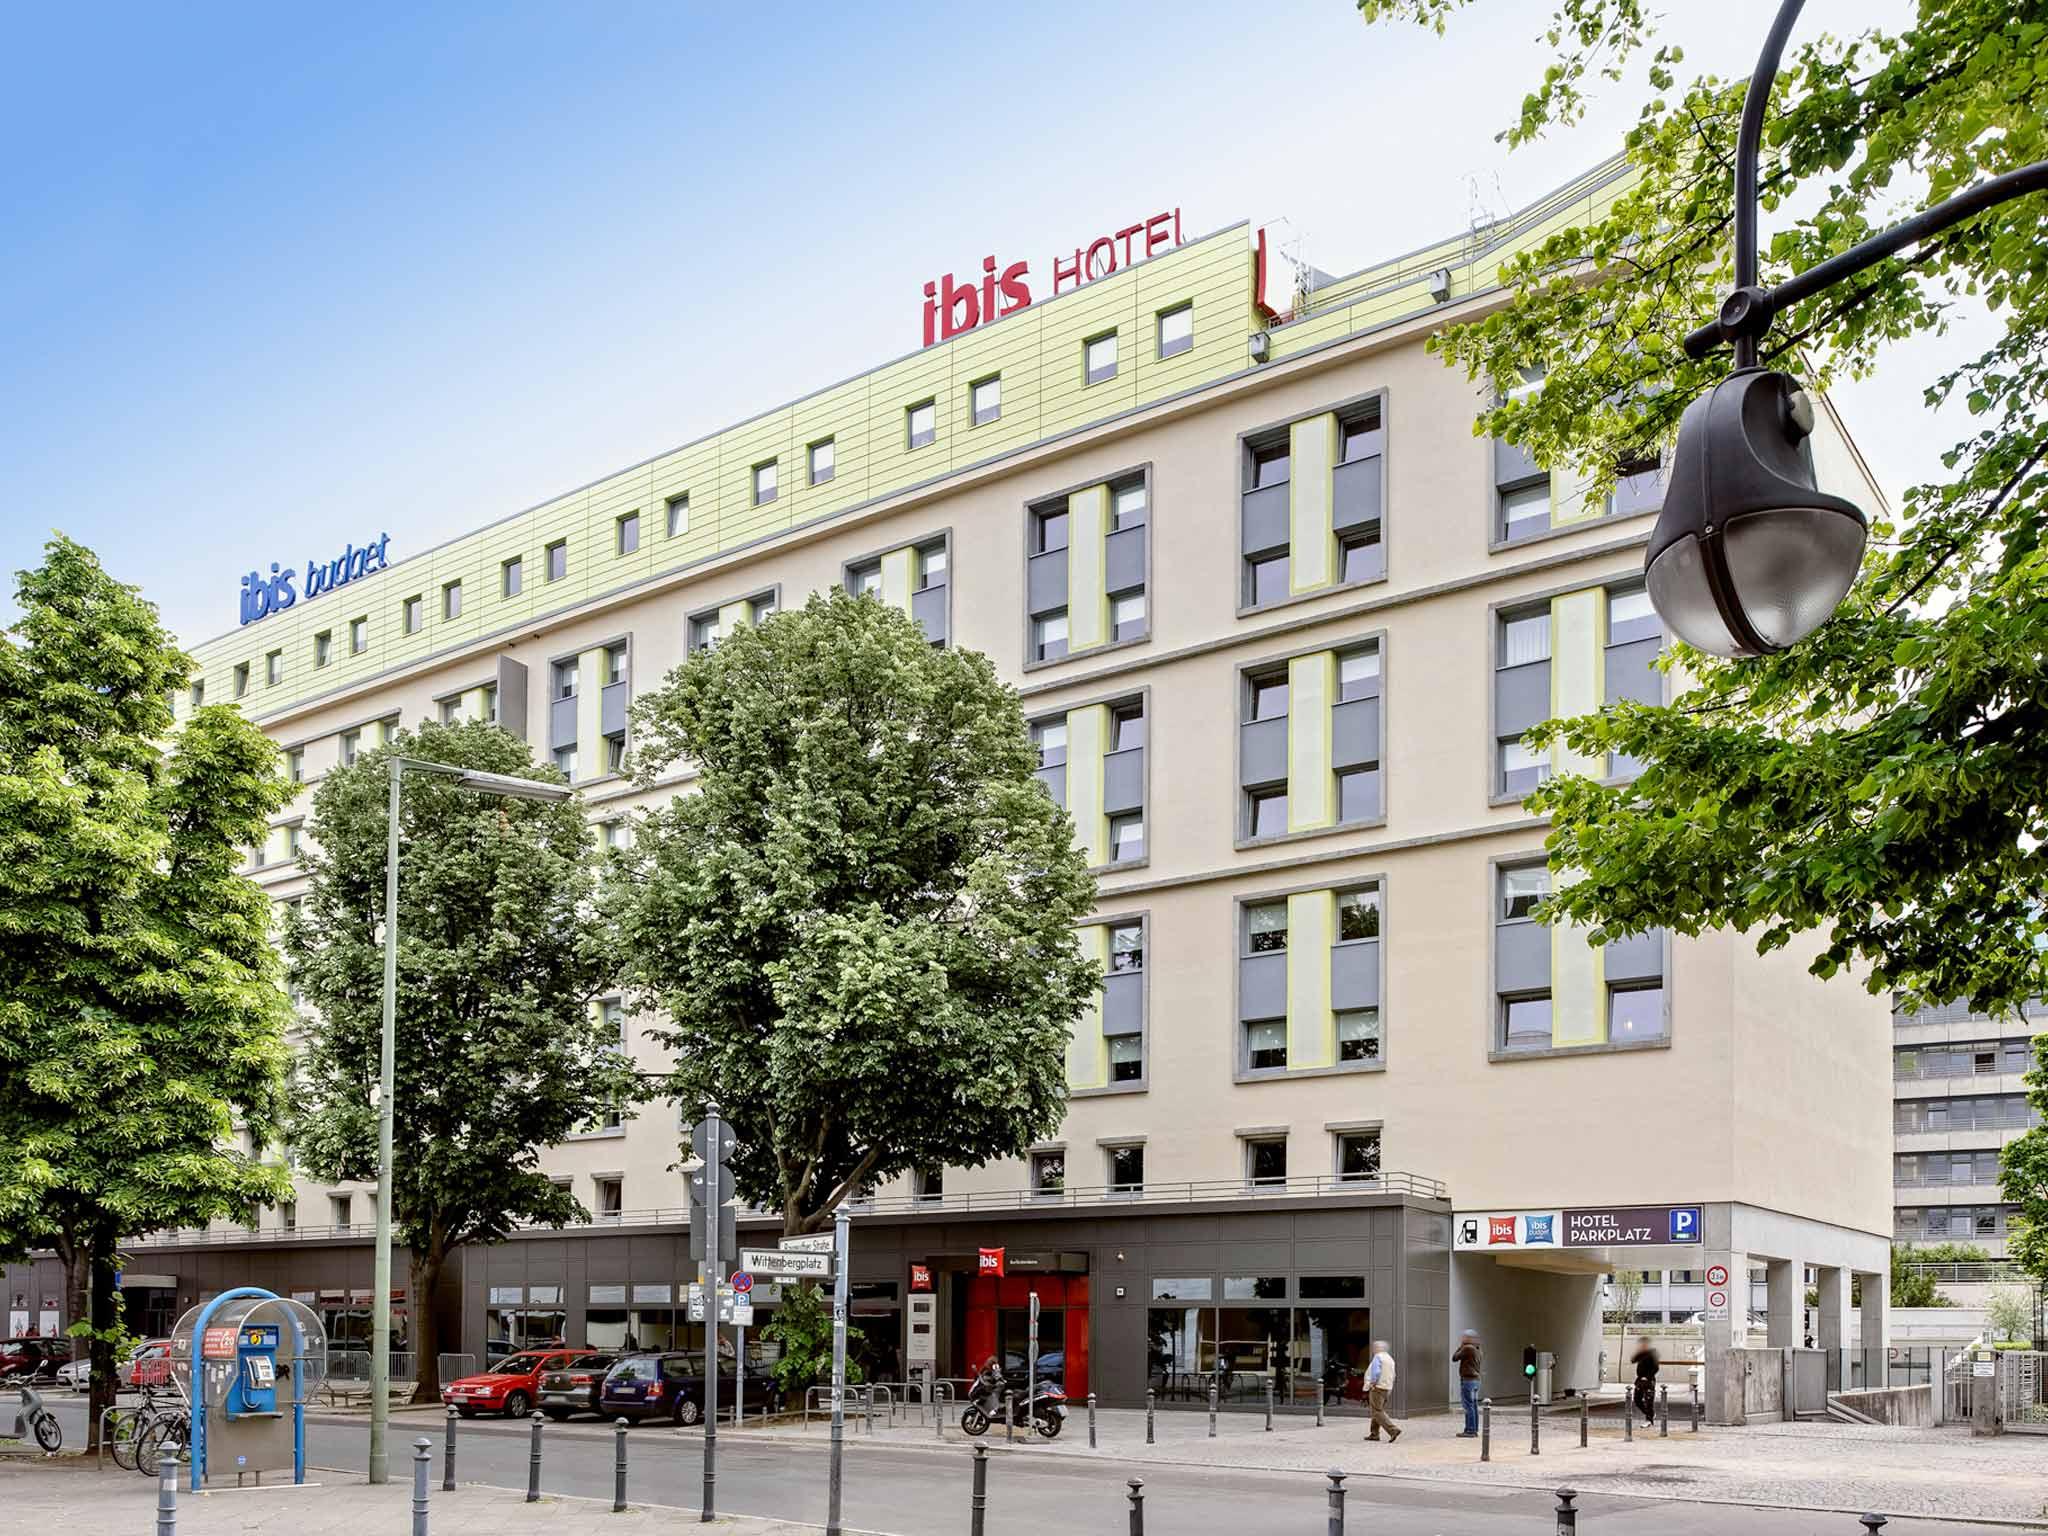 ホテル – イビスバジェットベルリンクアフュルステンダム